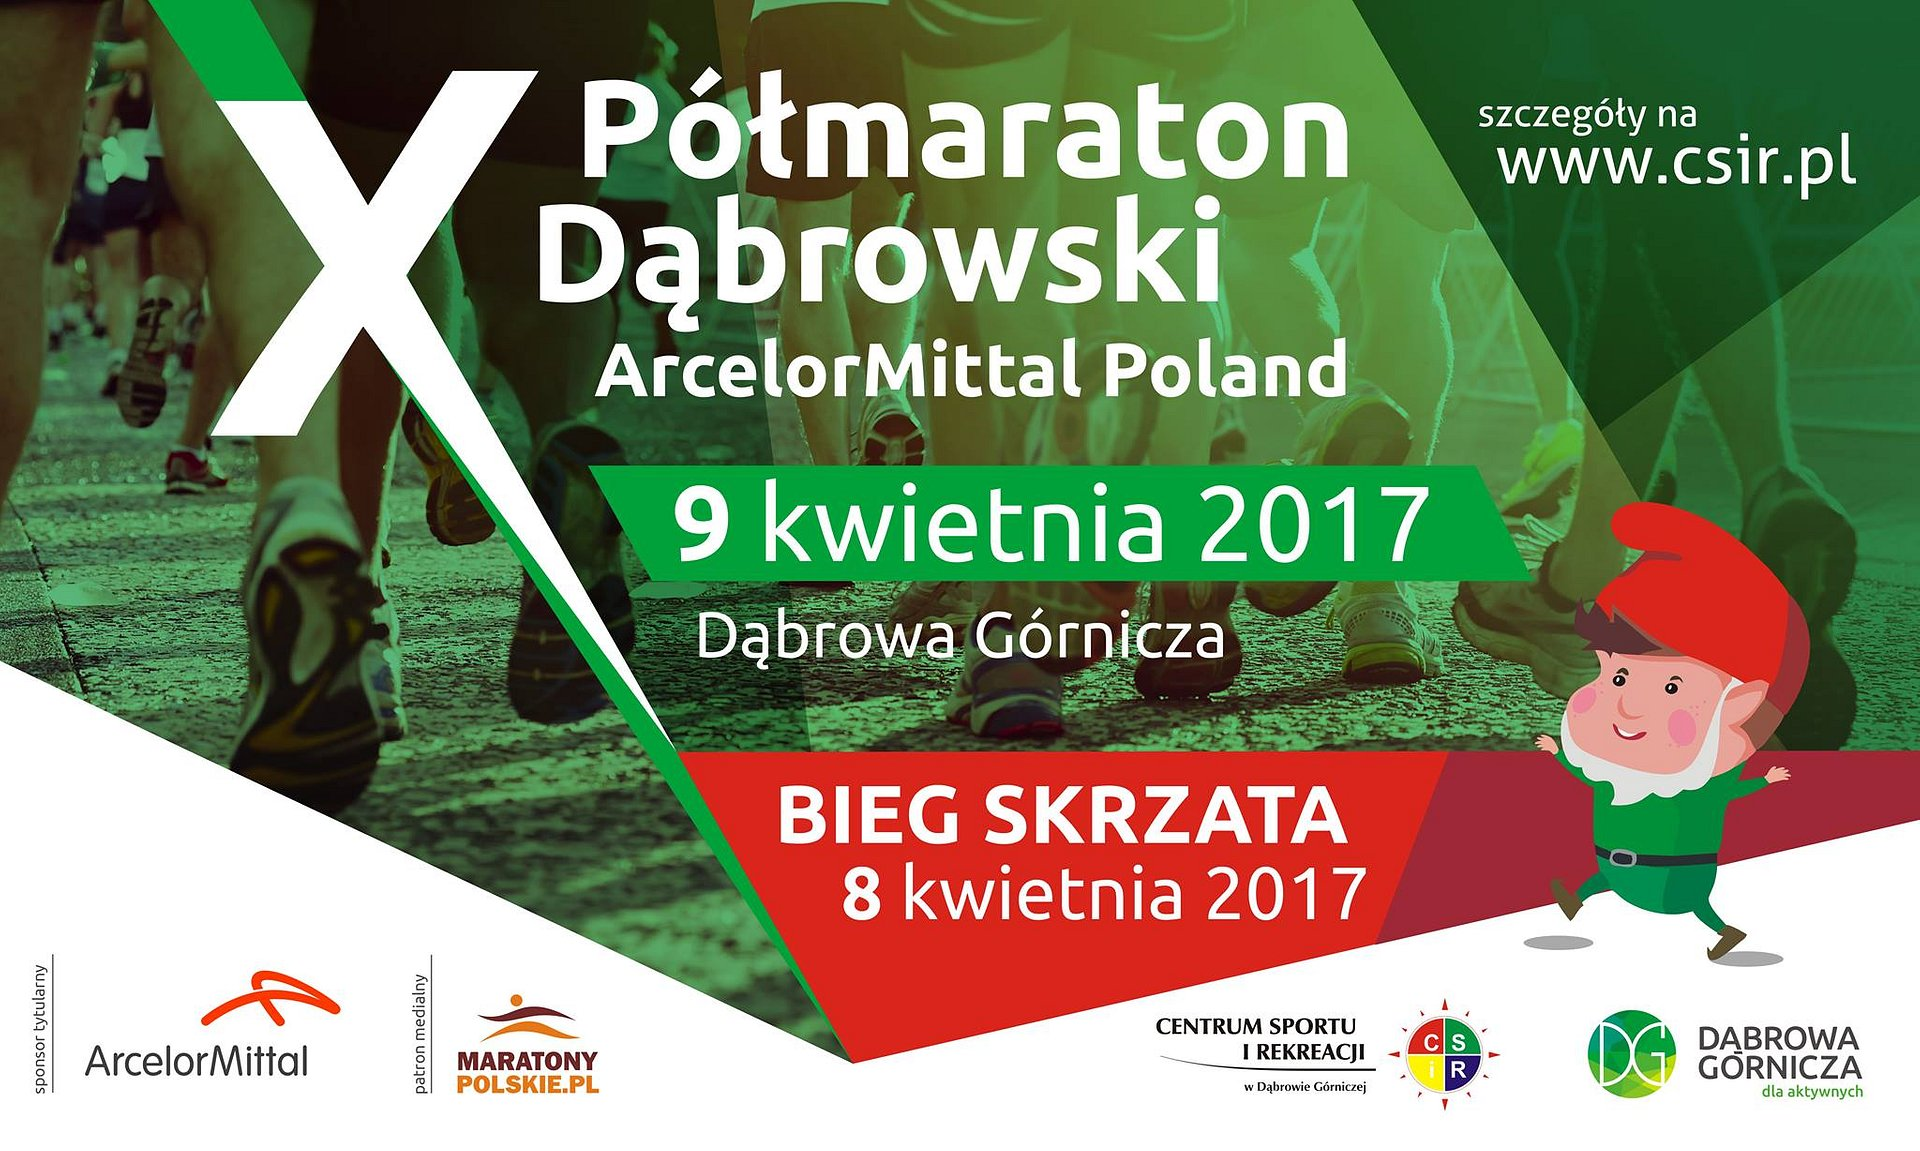 Jubileuszowy Półmaraton Dąbrowski z PKO Bankiem Polskim